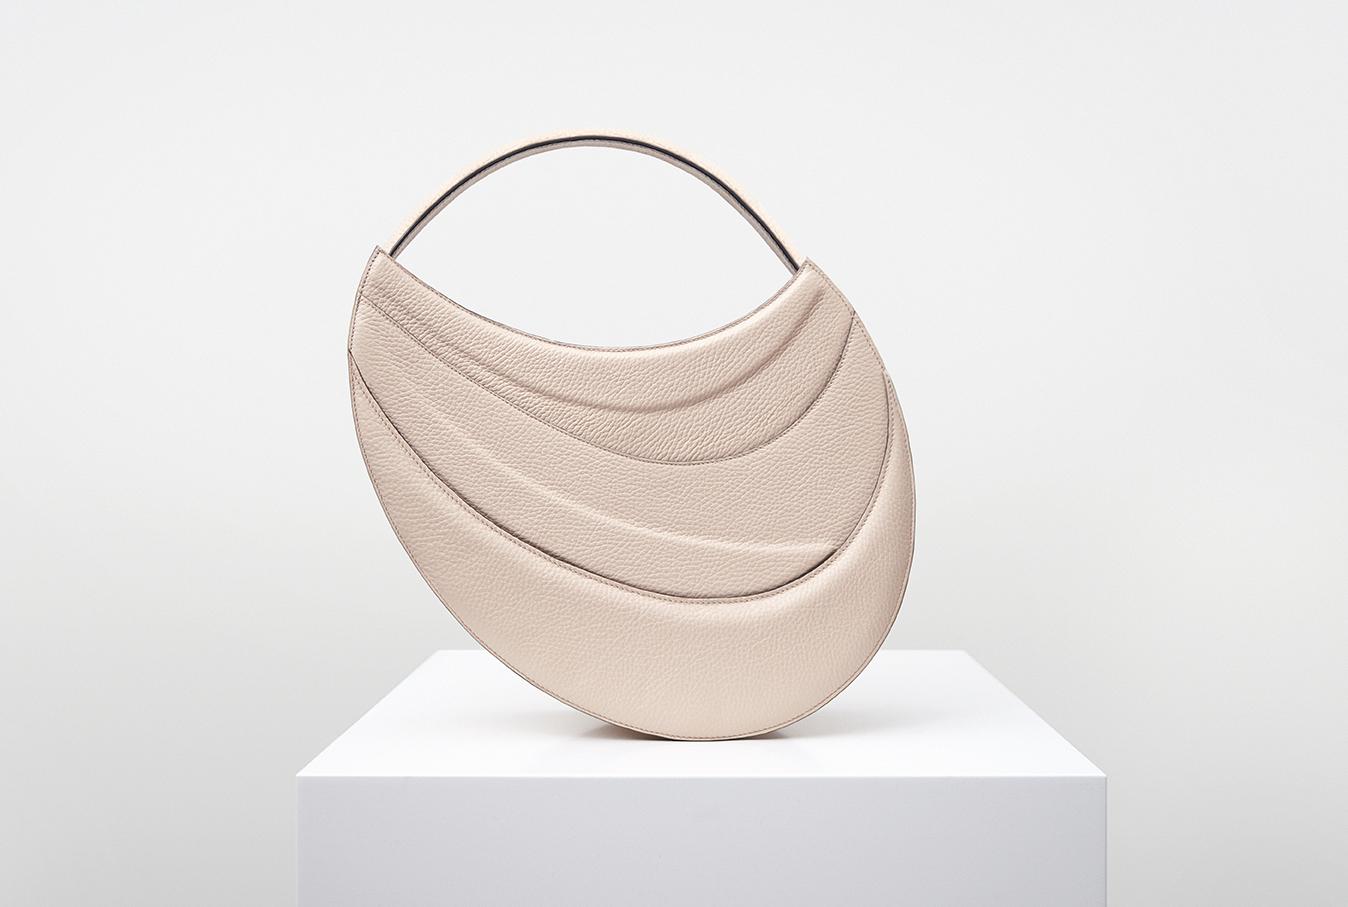 Bag Bag, borse a spalla sotto gli occhi | Collater.al